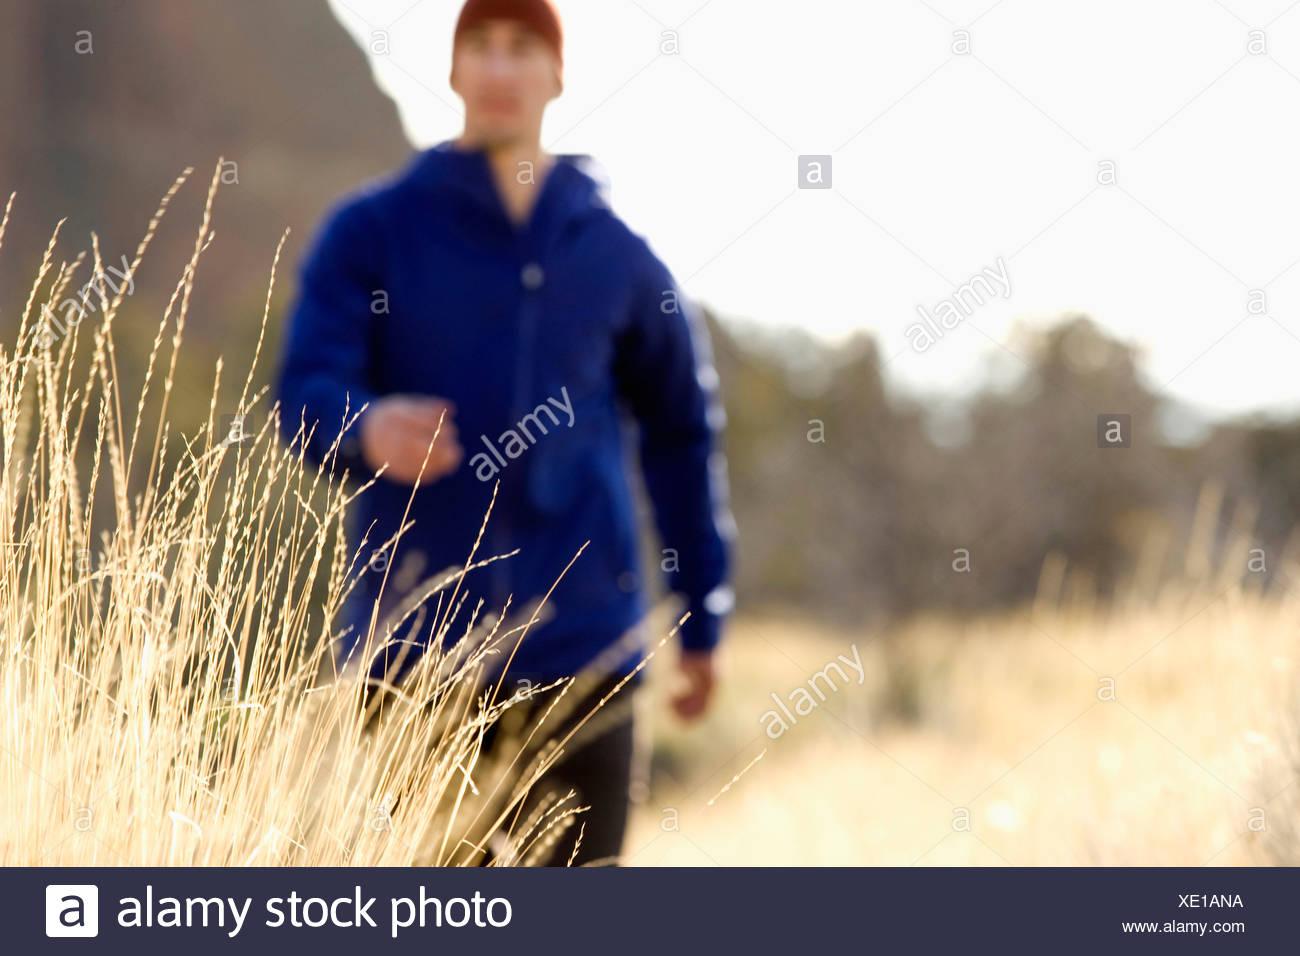 Un uomo in una giacca blu passeggiate lungo un sentiero in Oregon, mentre il giallo erba onde la brezza. (Fuoco selettivo) Immagini Stock